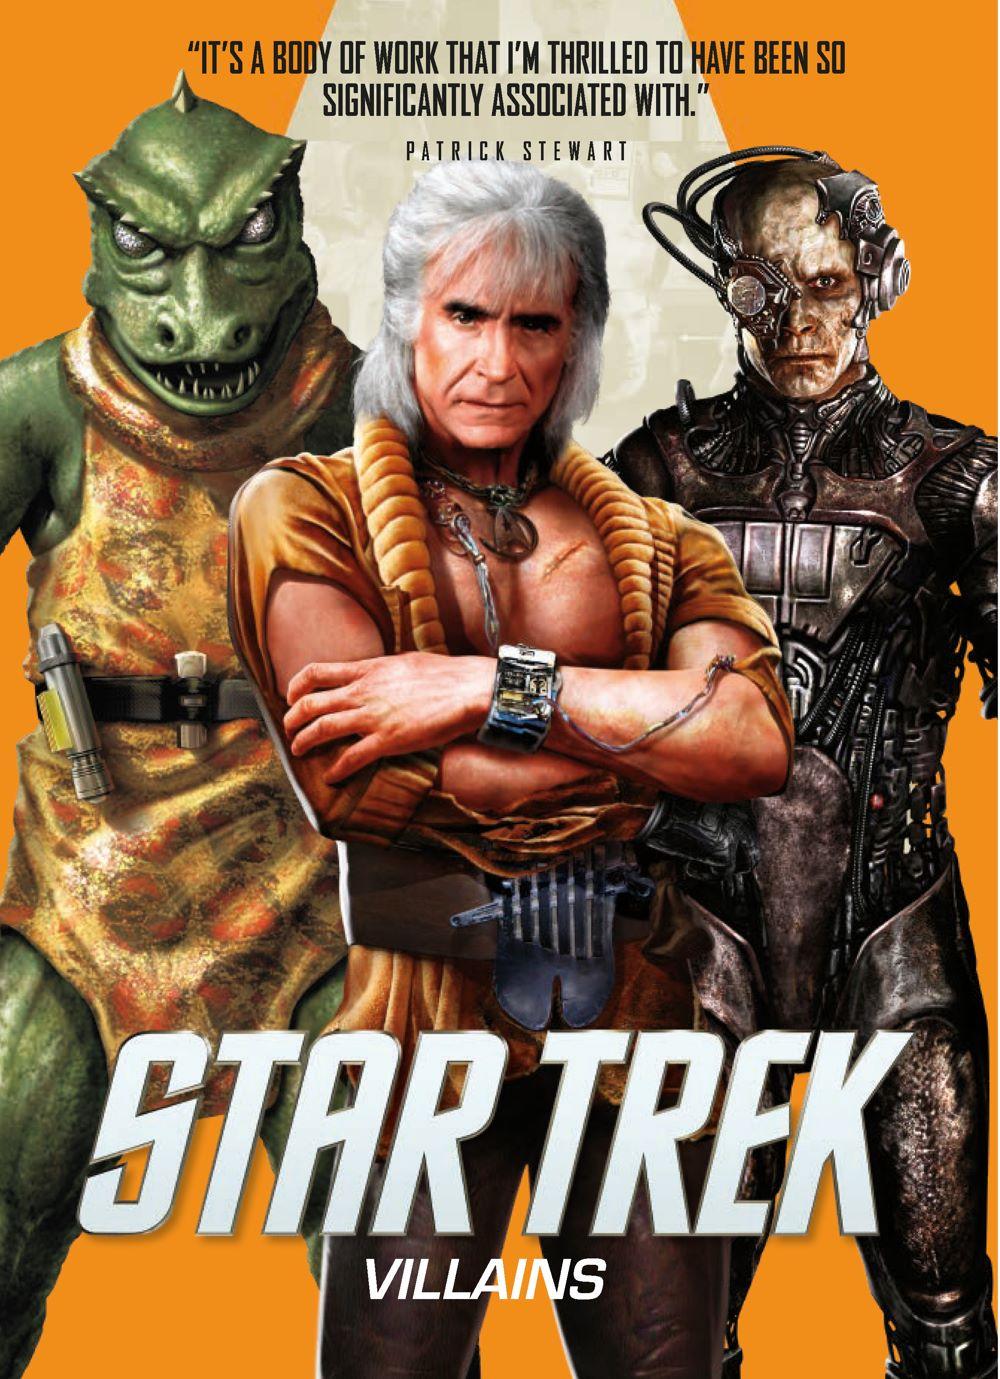 STAR-TREK-VILLAINS Titan Comics May 2021 Solicitations